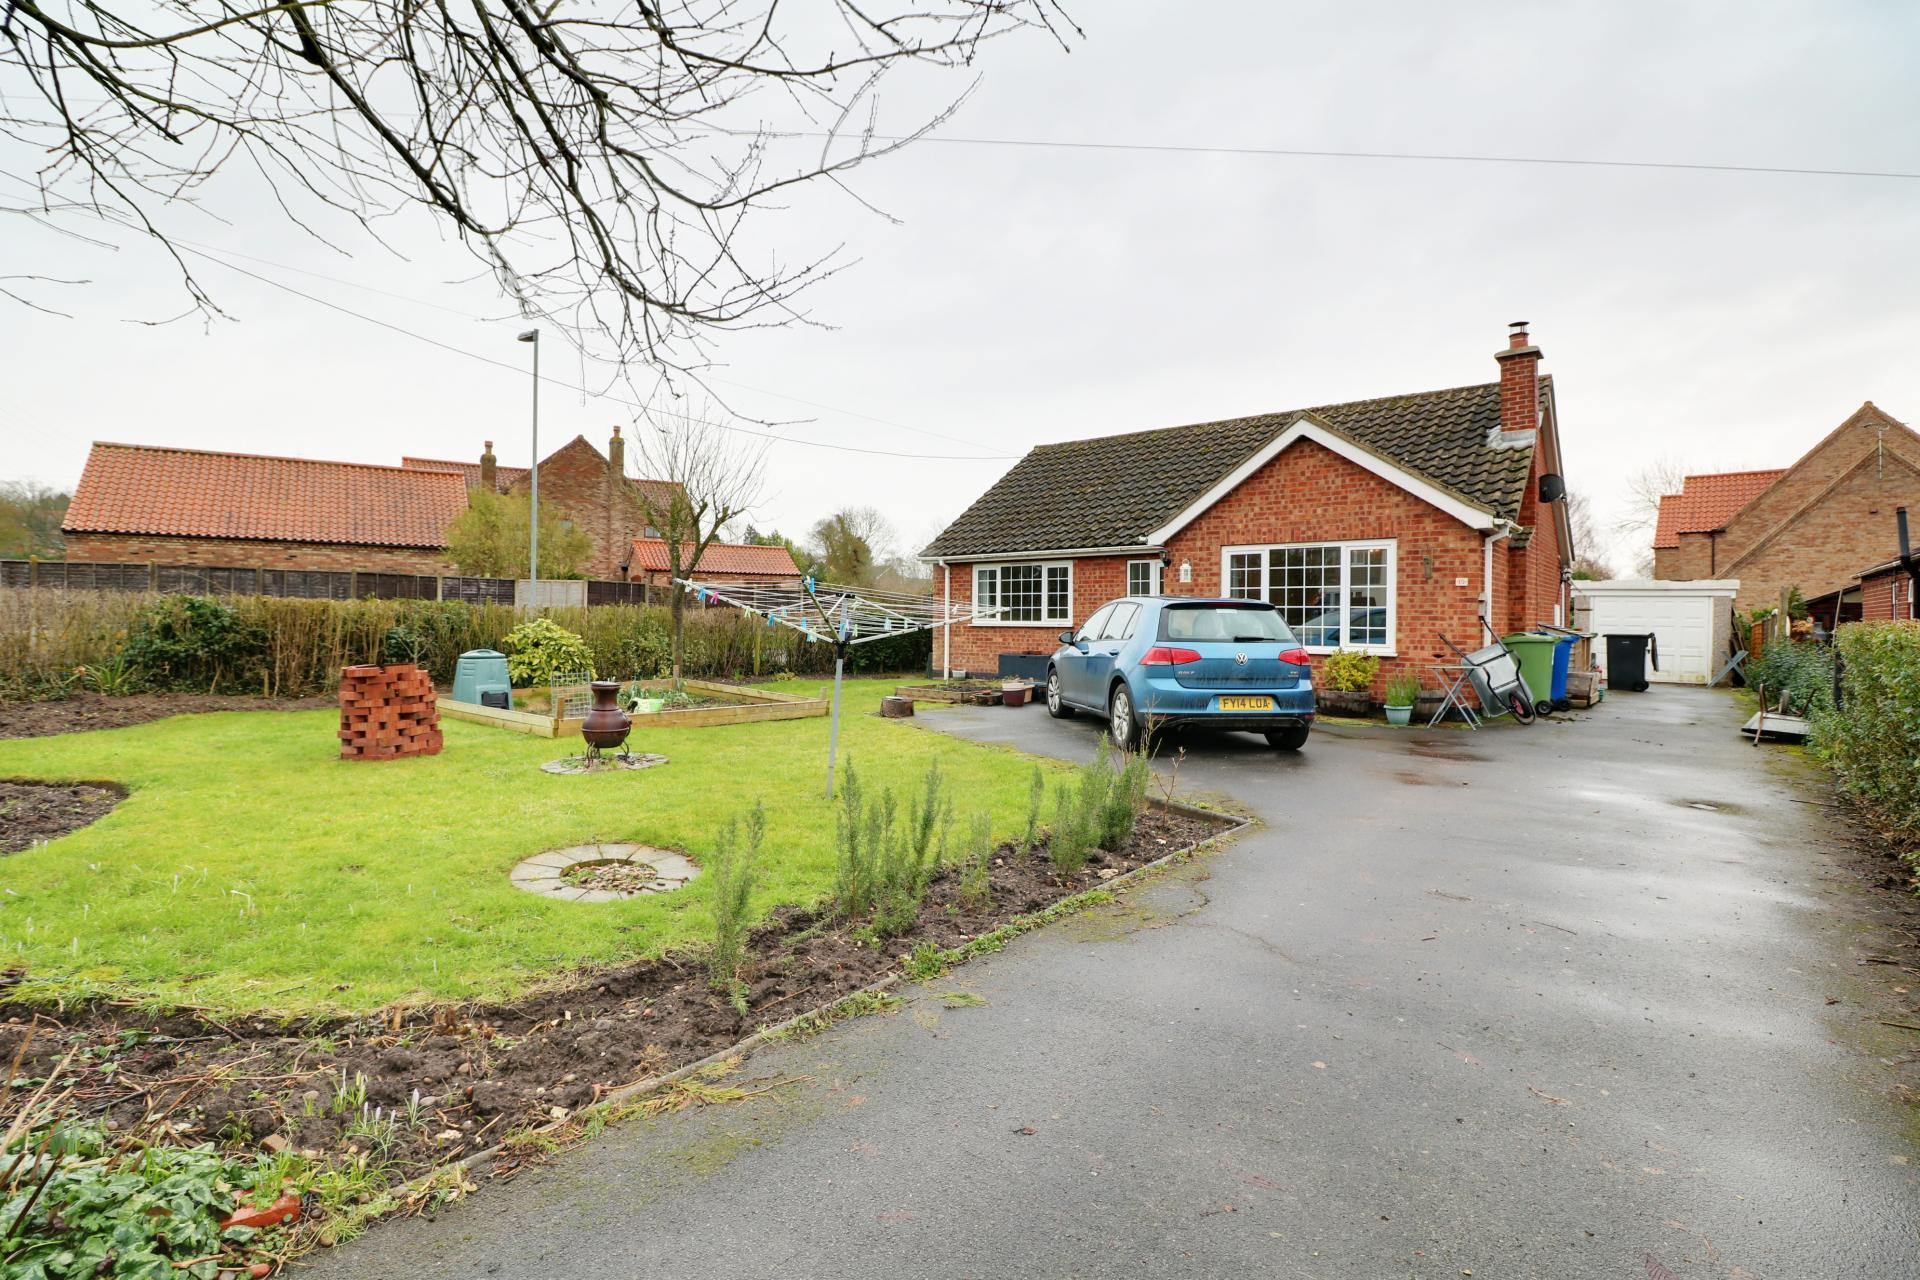 Paul Fox bungalow for sale